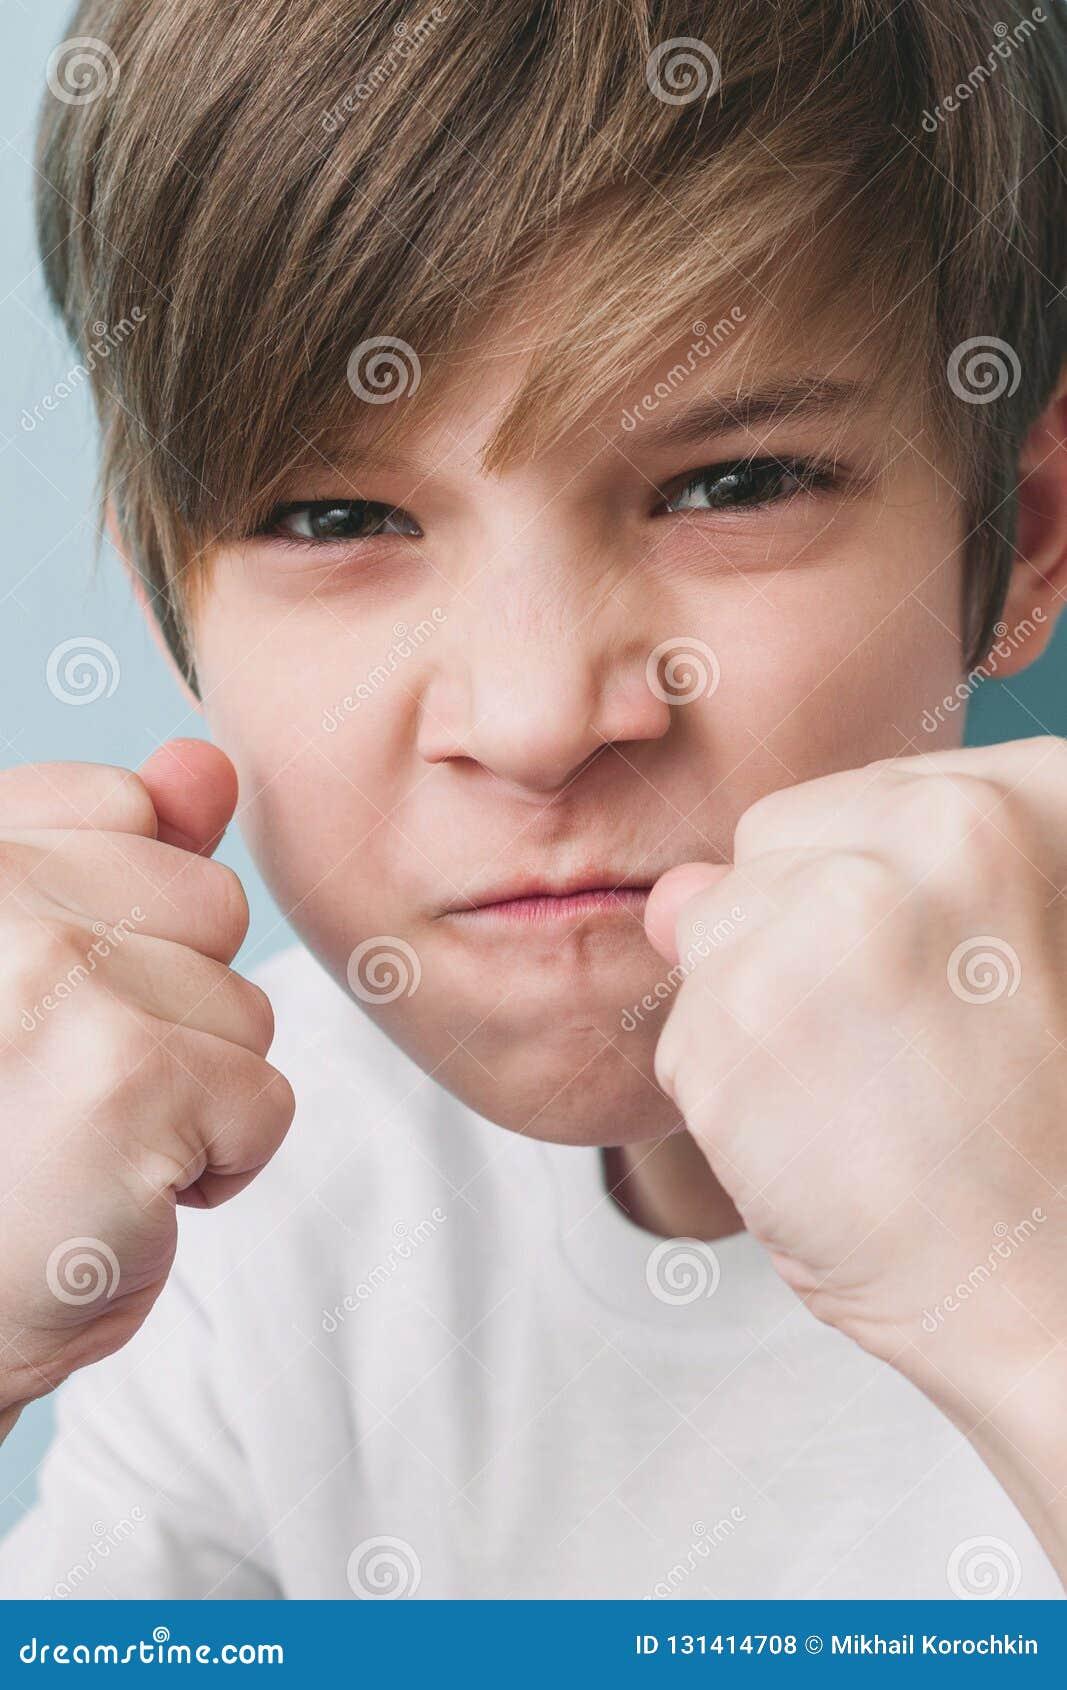 Junge schreit und droht im Scherz mit seinen Fäusten in kämpfender Position